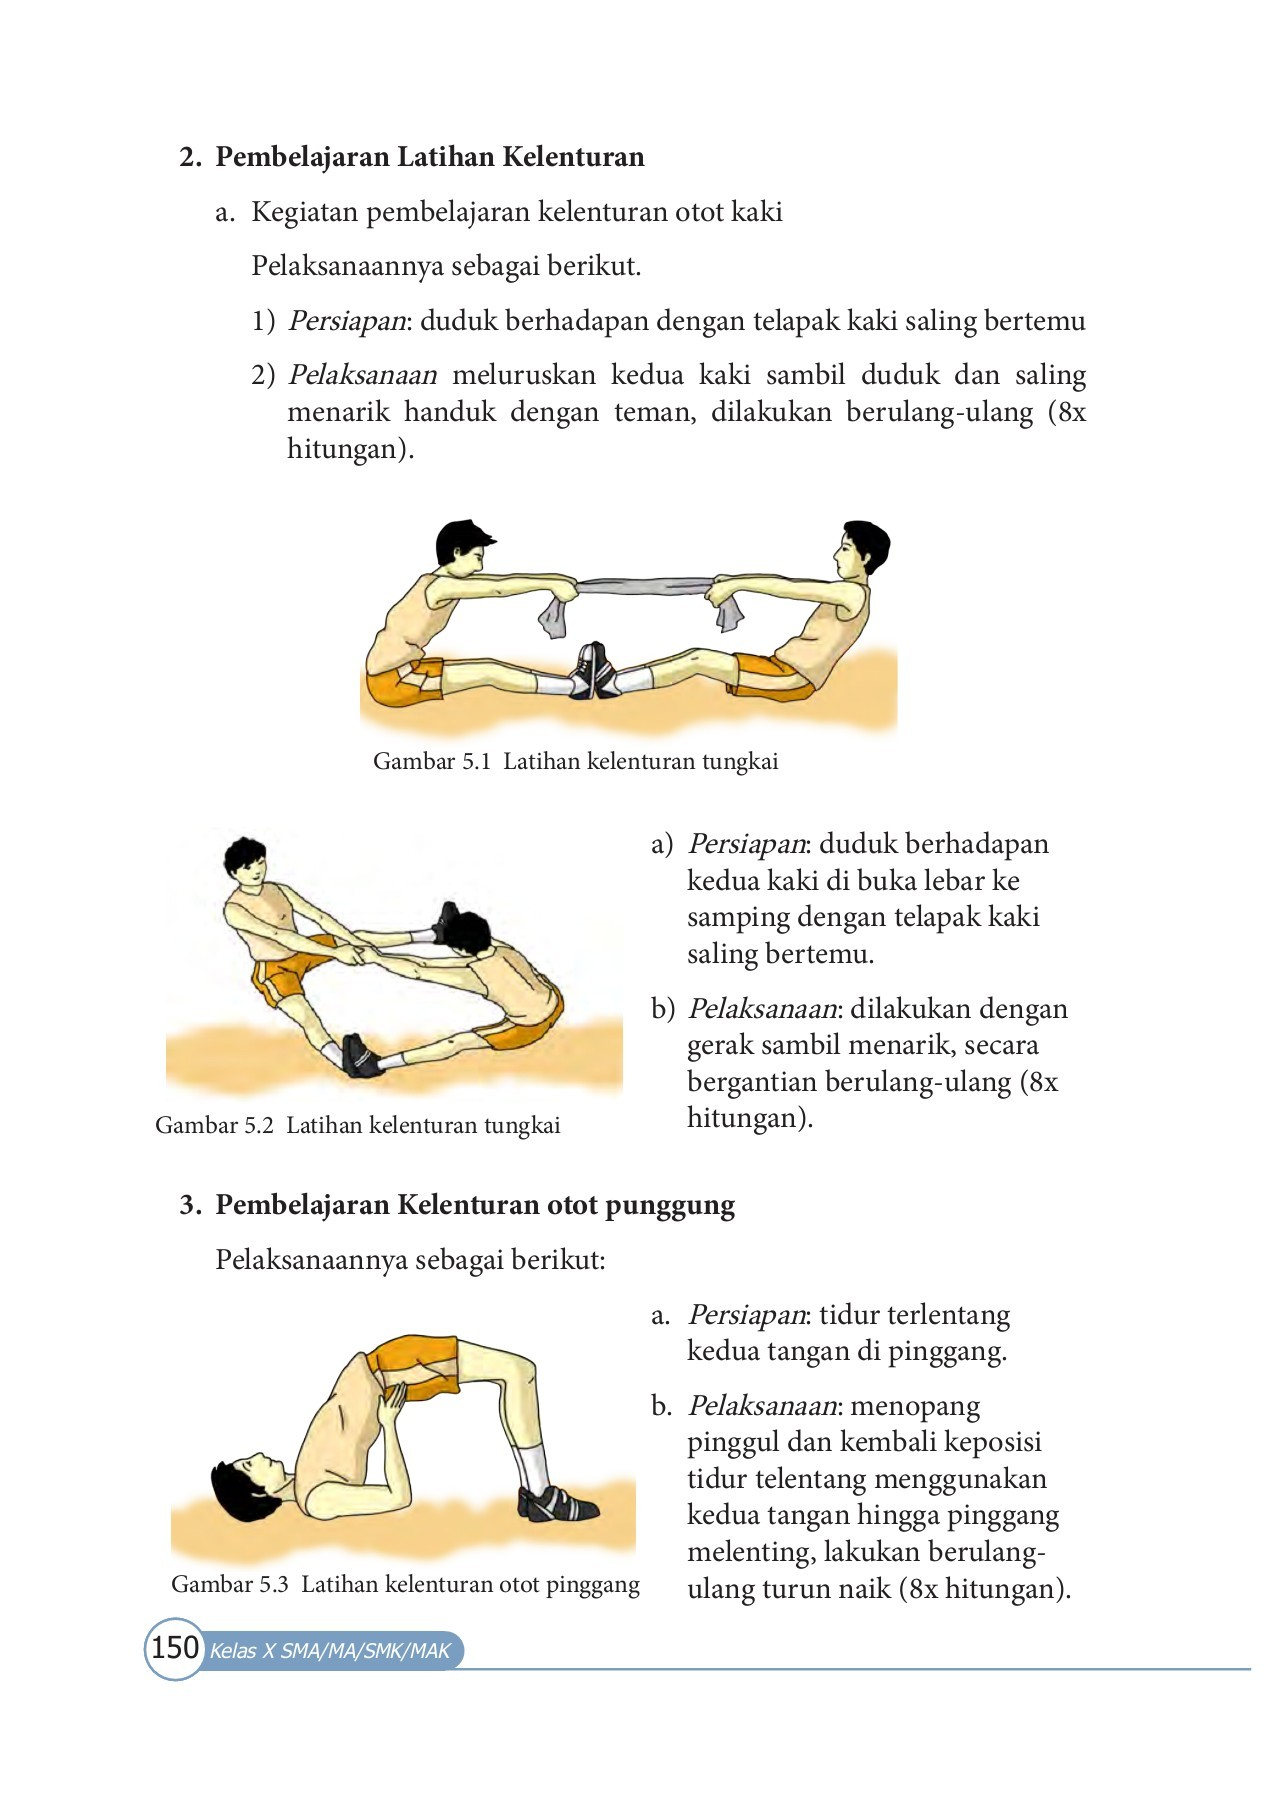 Contoh Latihan Kelenturan Adalah : contoh, latihan, kelenturan, adalah, Kelas_10_SMA_Pendidikan_Jasmani_Olahraga_&_Kesehatan_Guru_2016, Pages, Download, FlipHTML5